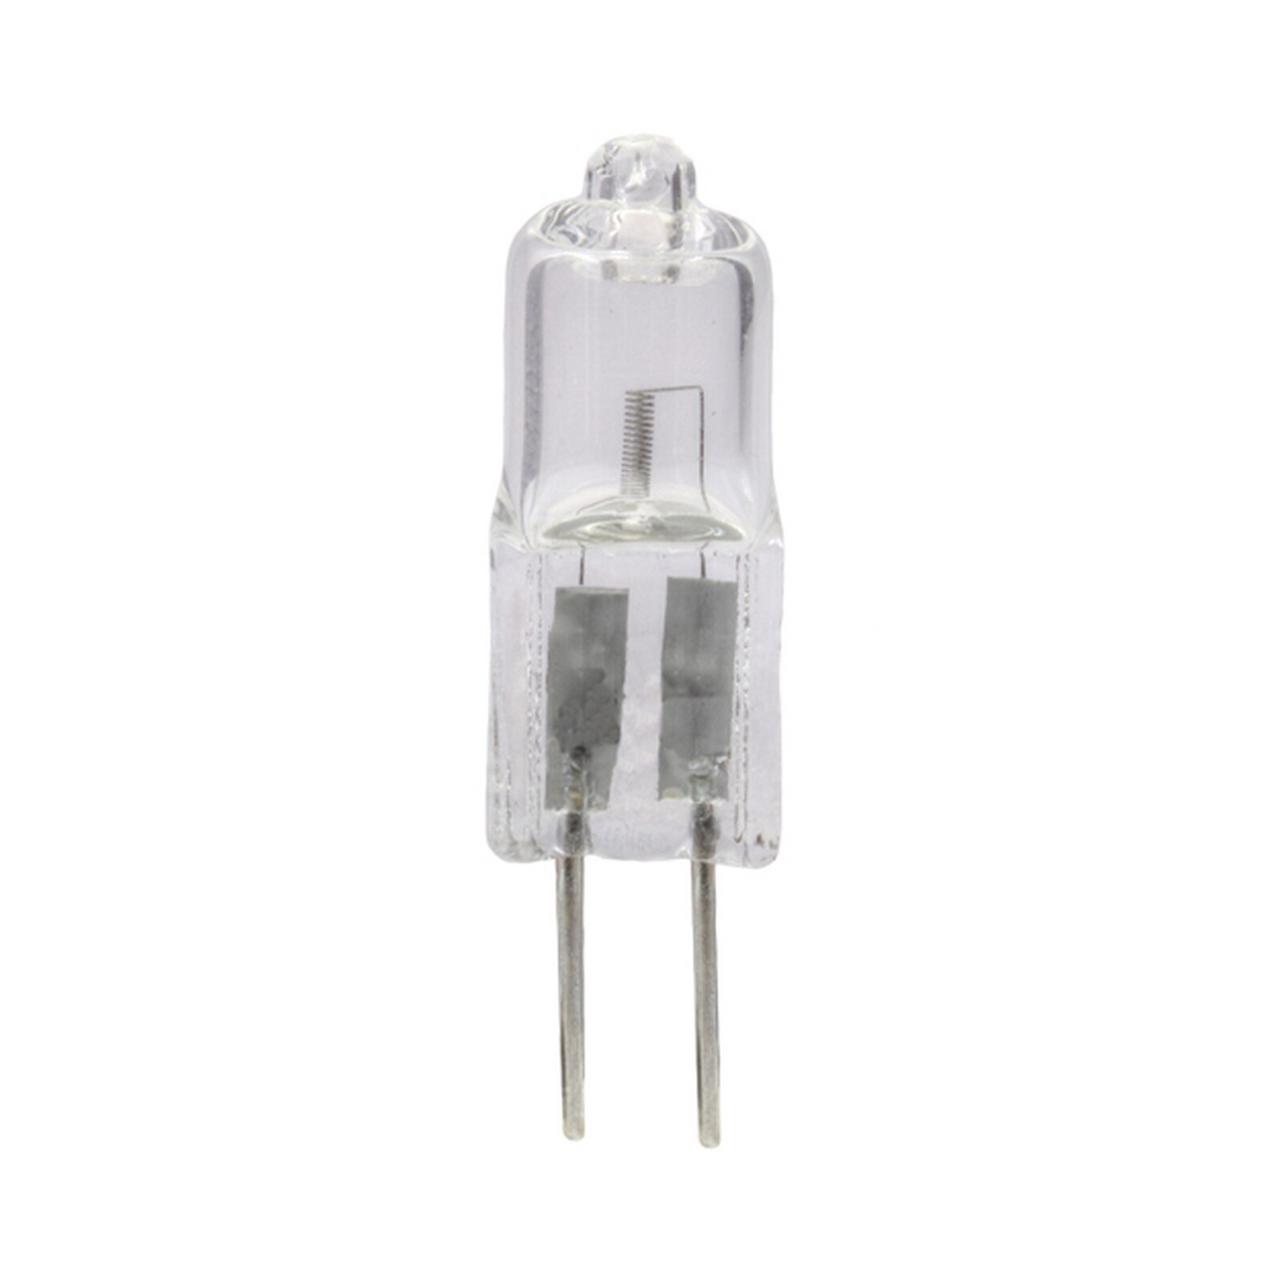 10-Pack of Halogen Light Bulb JC10 107008